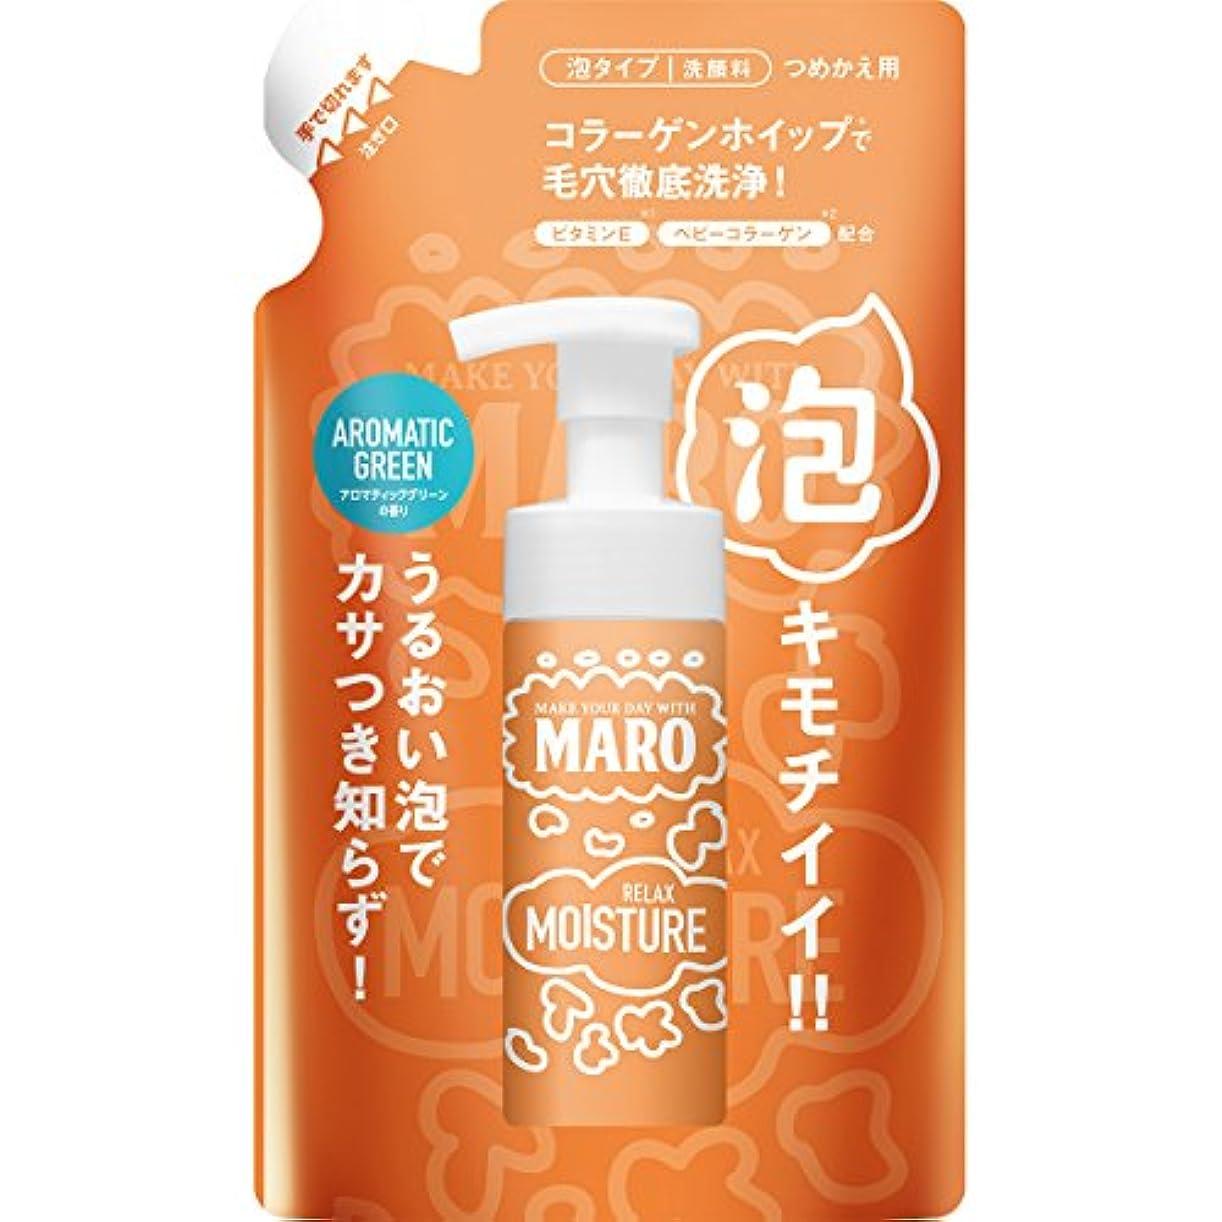 ウェーハ学士検体MARO グルーヴィー 泡洗顔 詰め替え リラックスモイスチャー 130ml